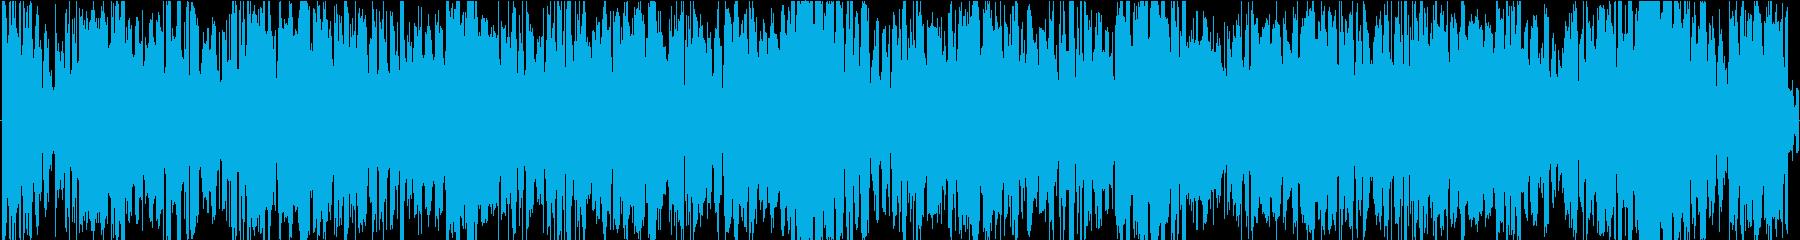 シーケンス 汚いオルガン02の再生済みの波形